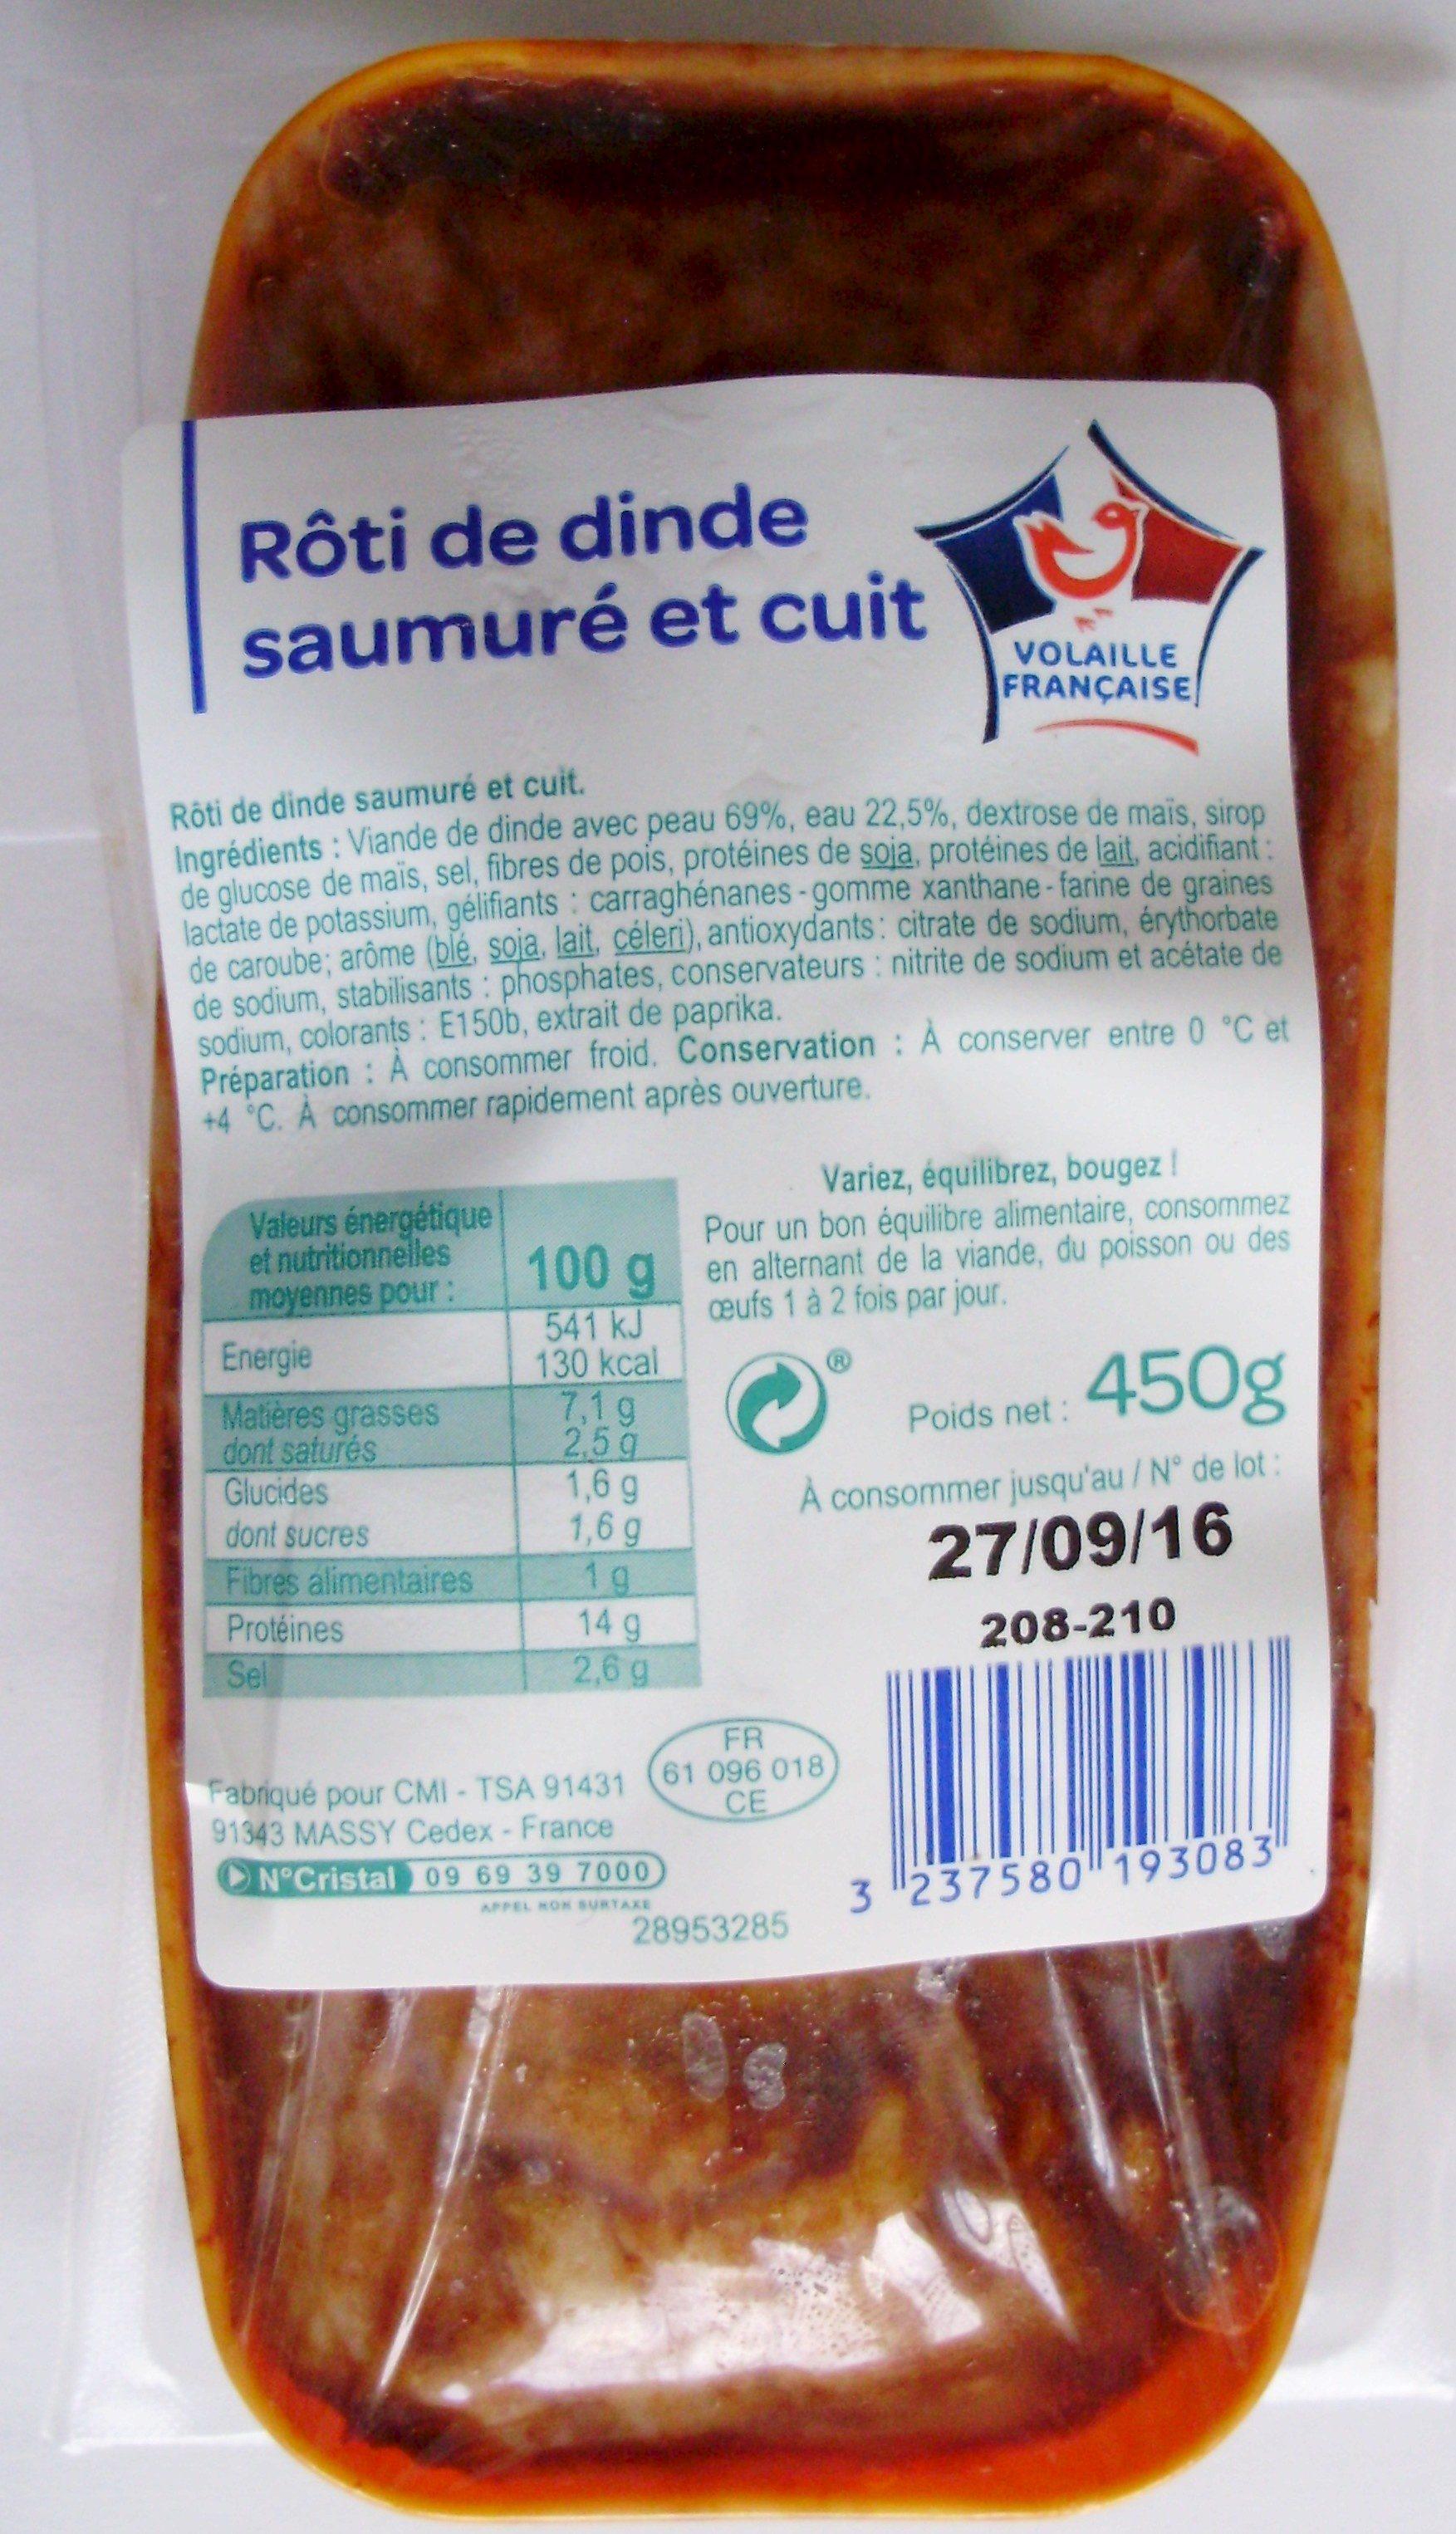 rôti de dinde saumuré et cuit - produits blancs - 450 g